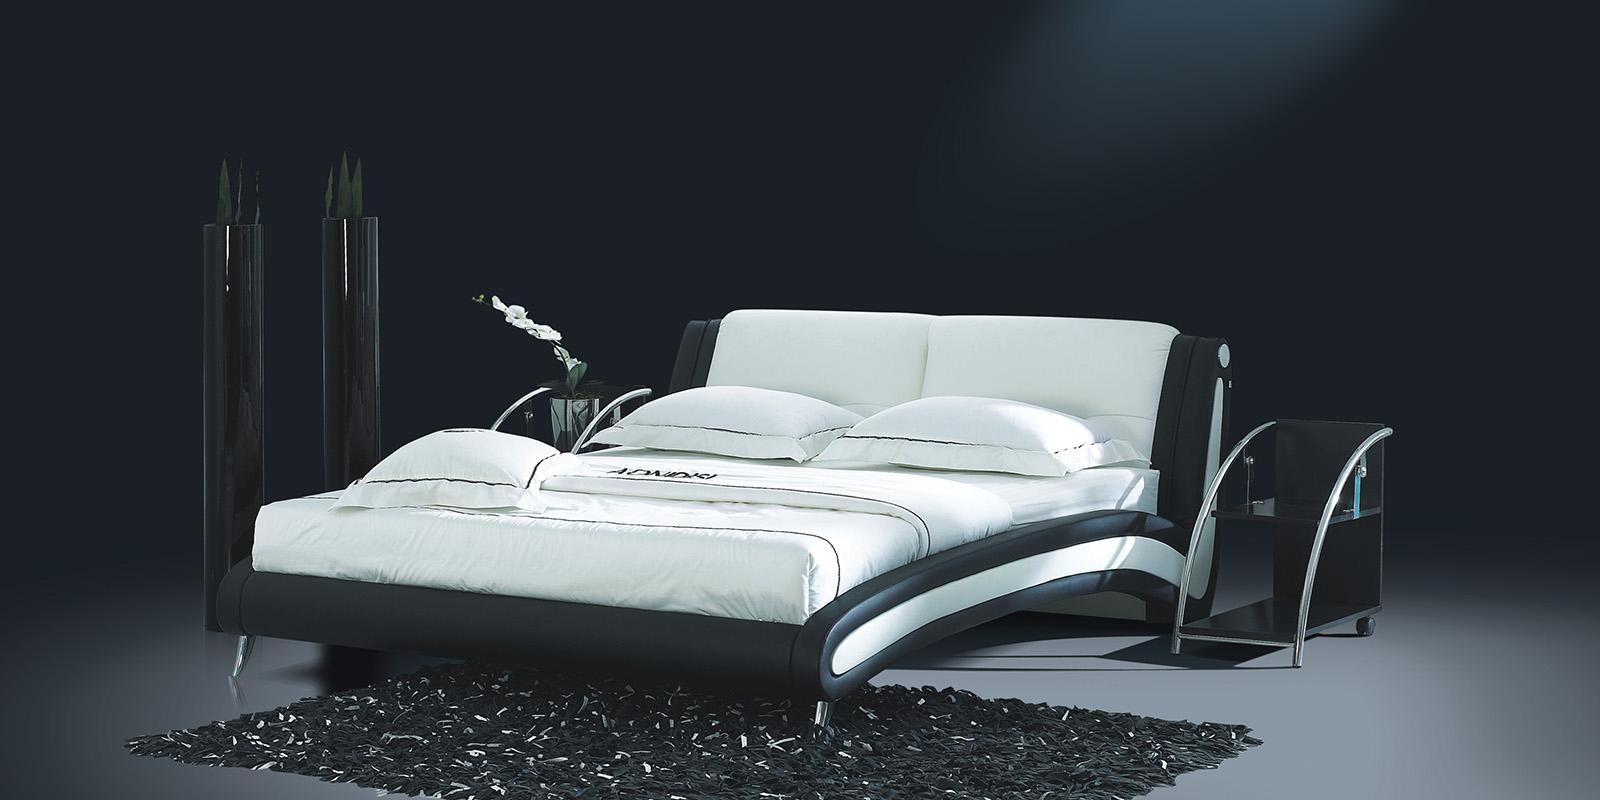 Мягкая кровать 200х180 AY-959 с ортопедическим основанием (черно-белый)